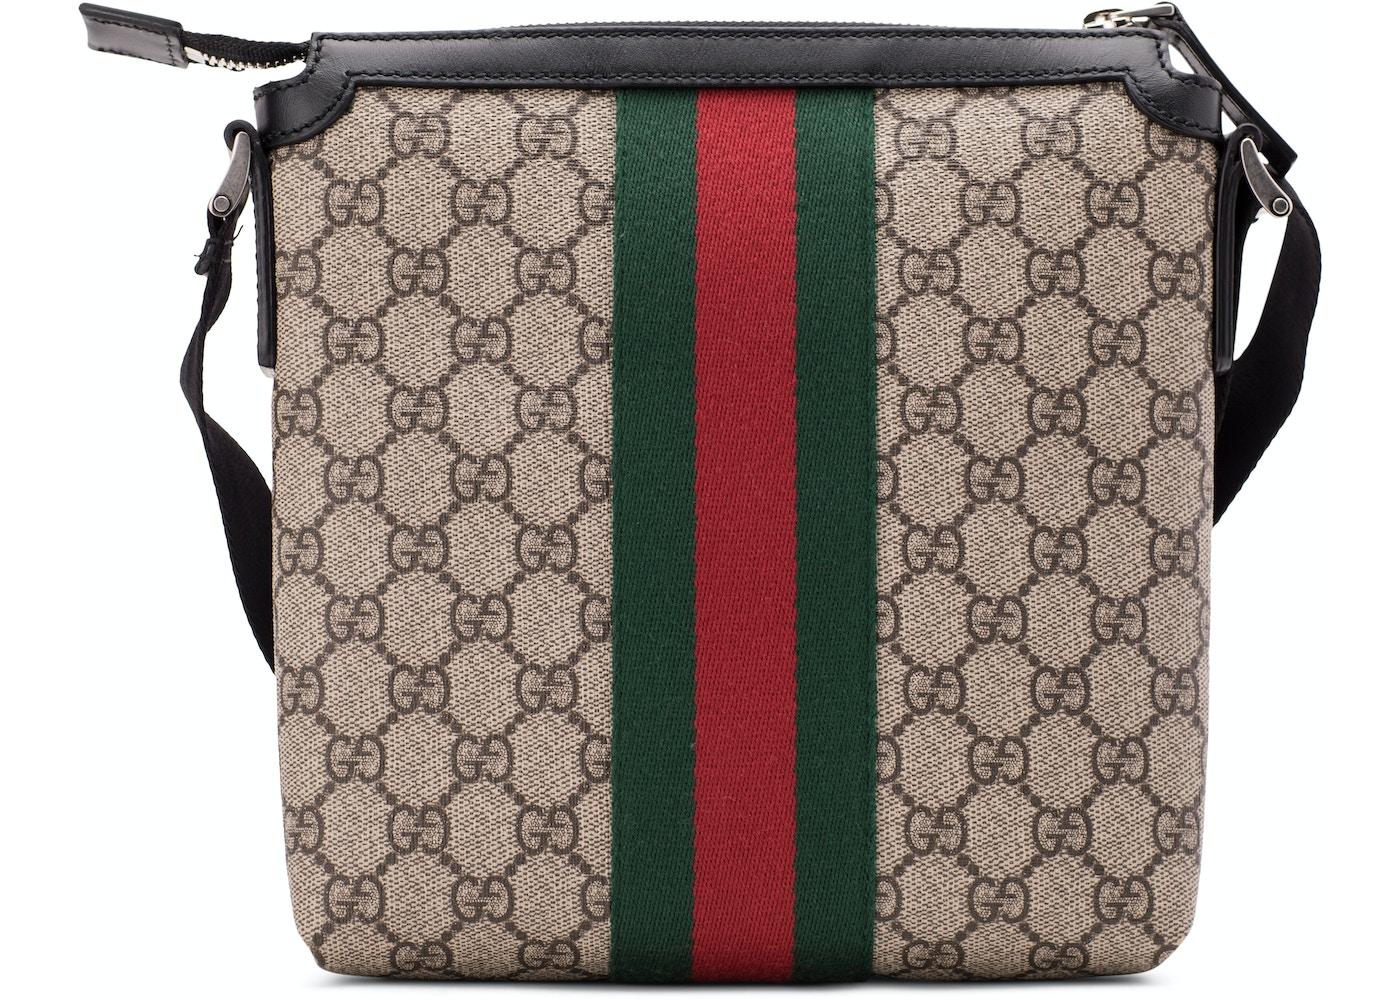 0665df3b9799 Buy   Sell Gucci Luxury Handbags